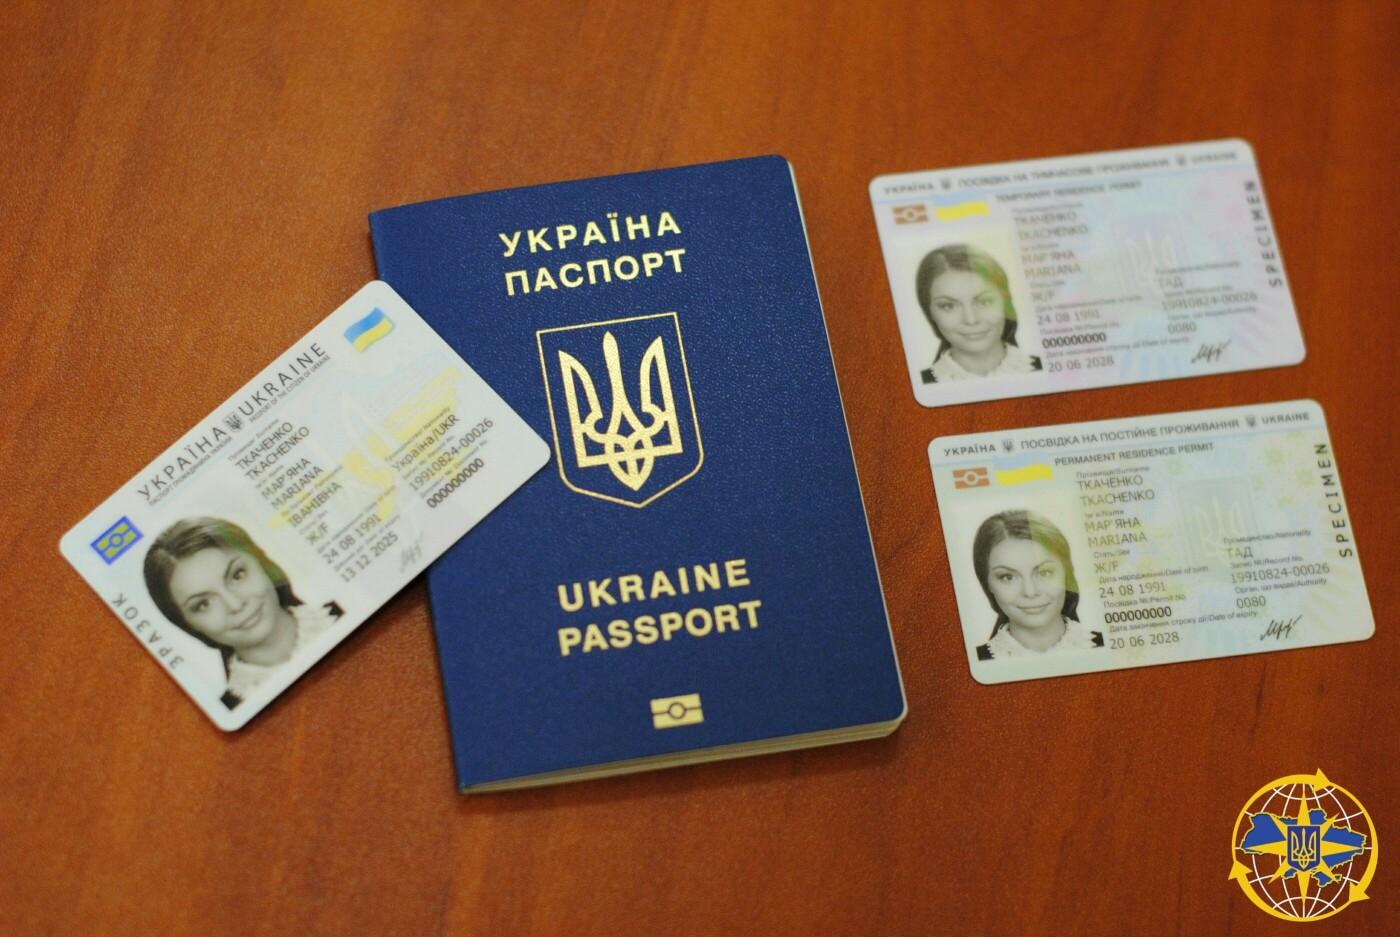 Миграционная служба Киев: информация о работе и адреса филиалов, Фото: ДМСУ